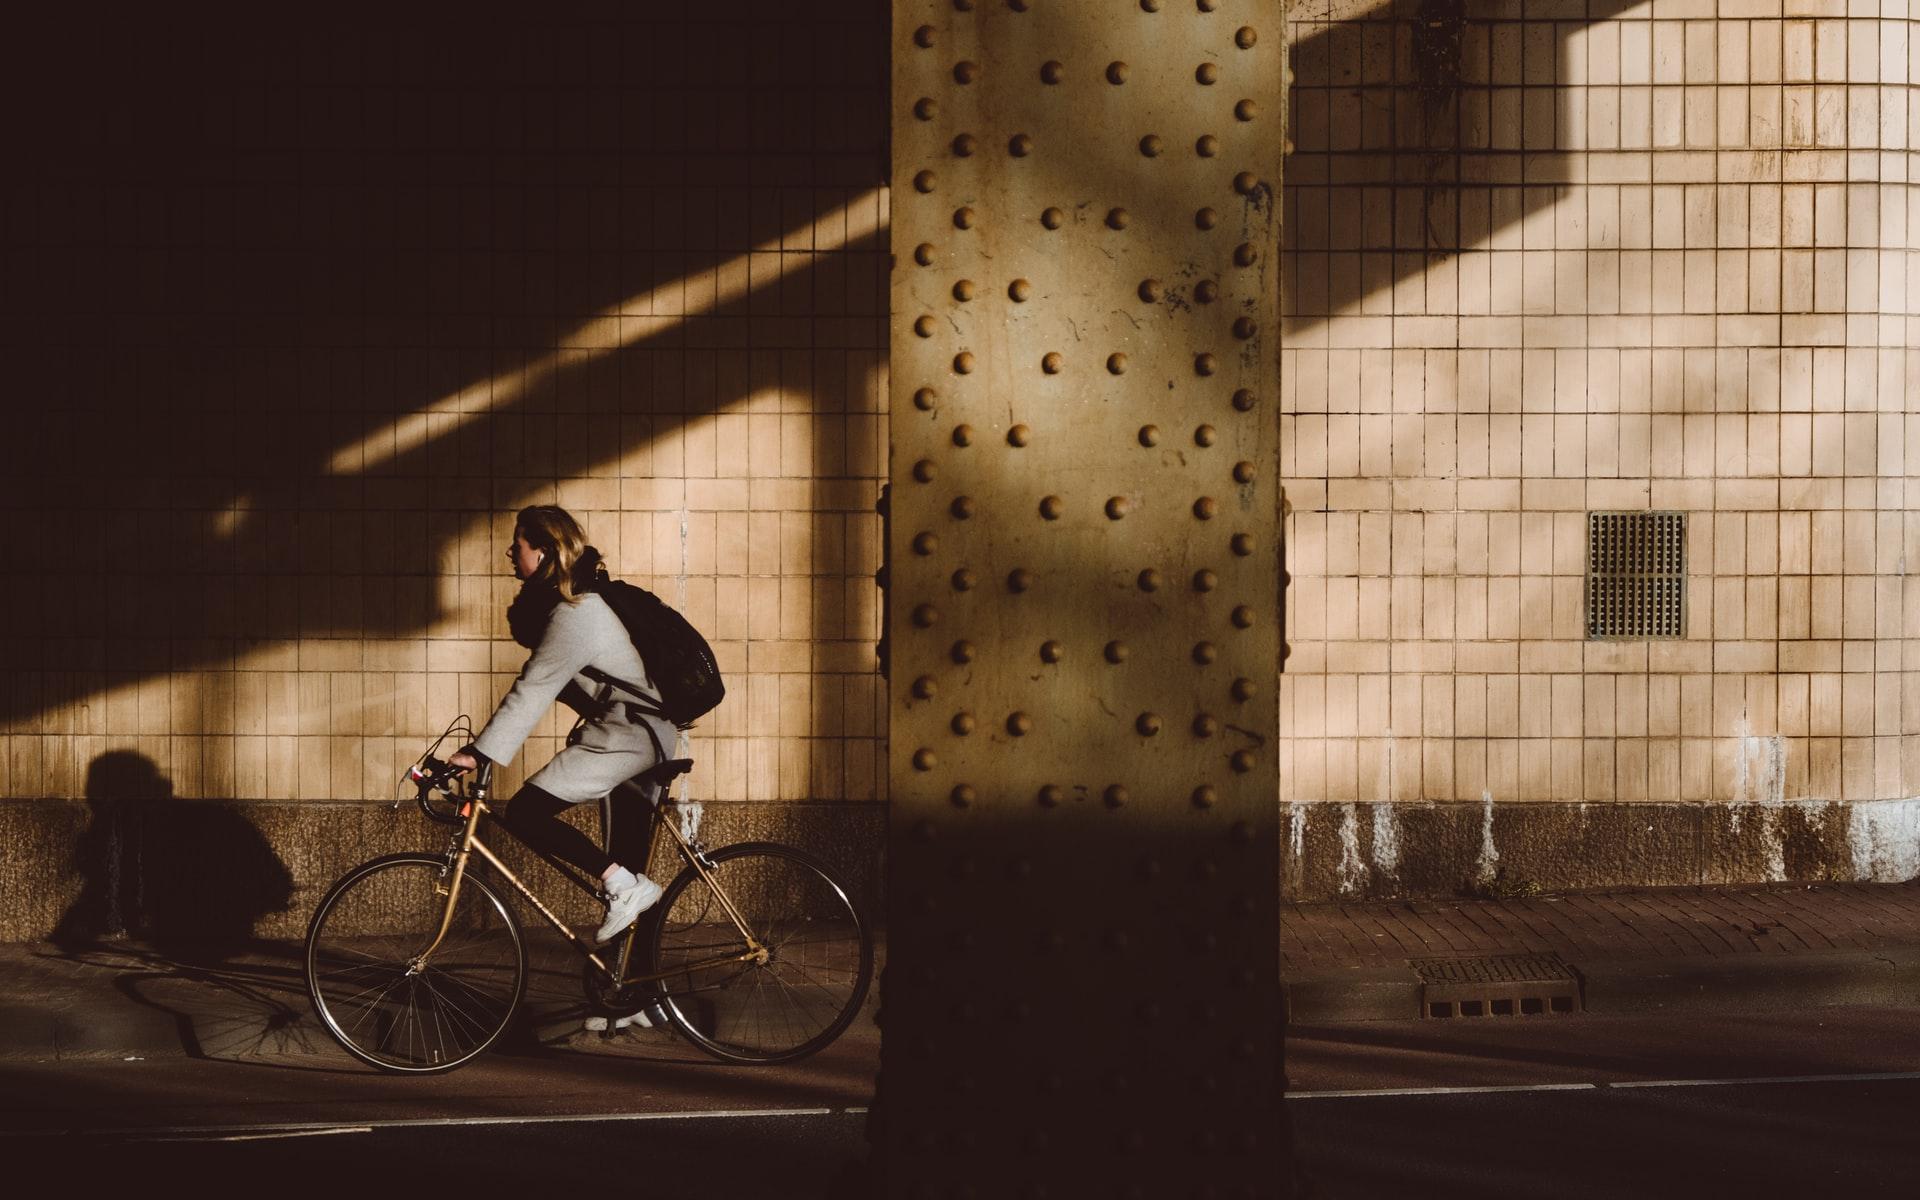 Koronavírus posadil ľudí na bicykle, ako bicyklovať aj v nepriaznivom počasí?